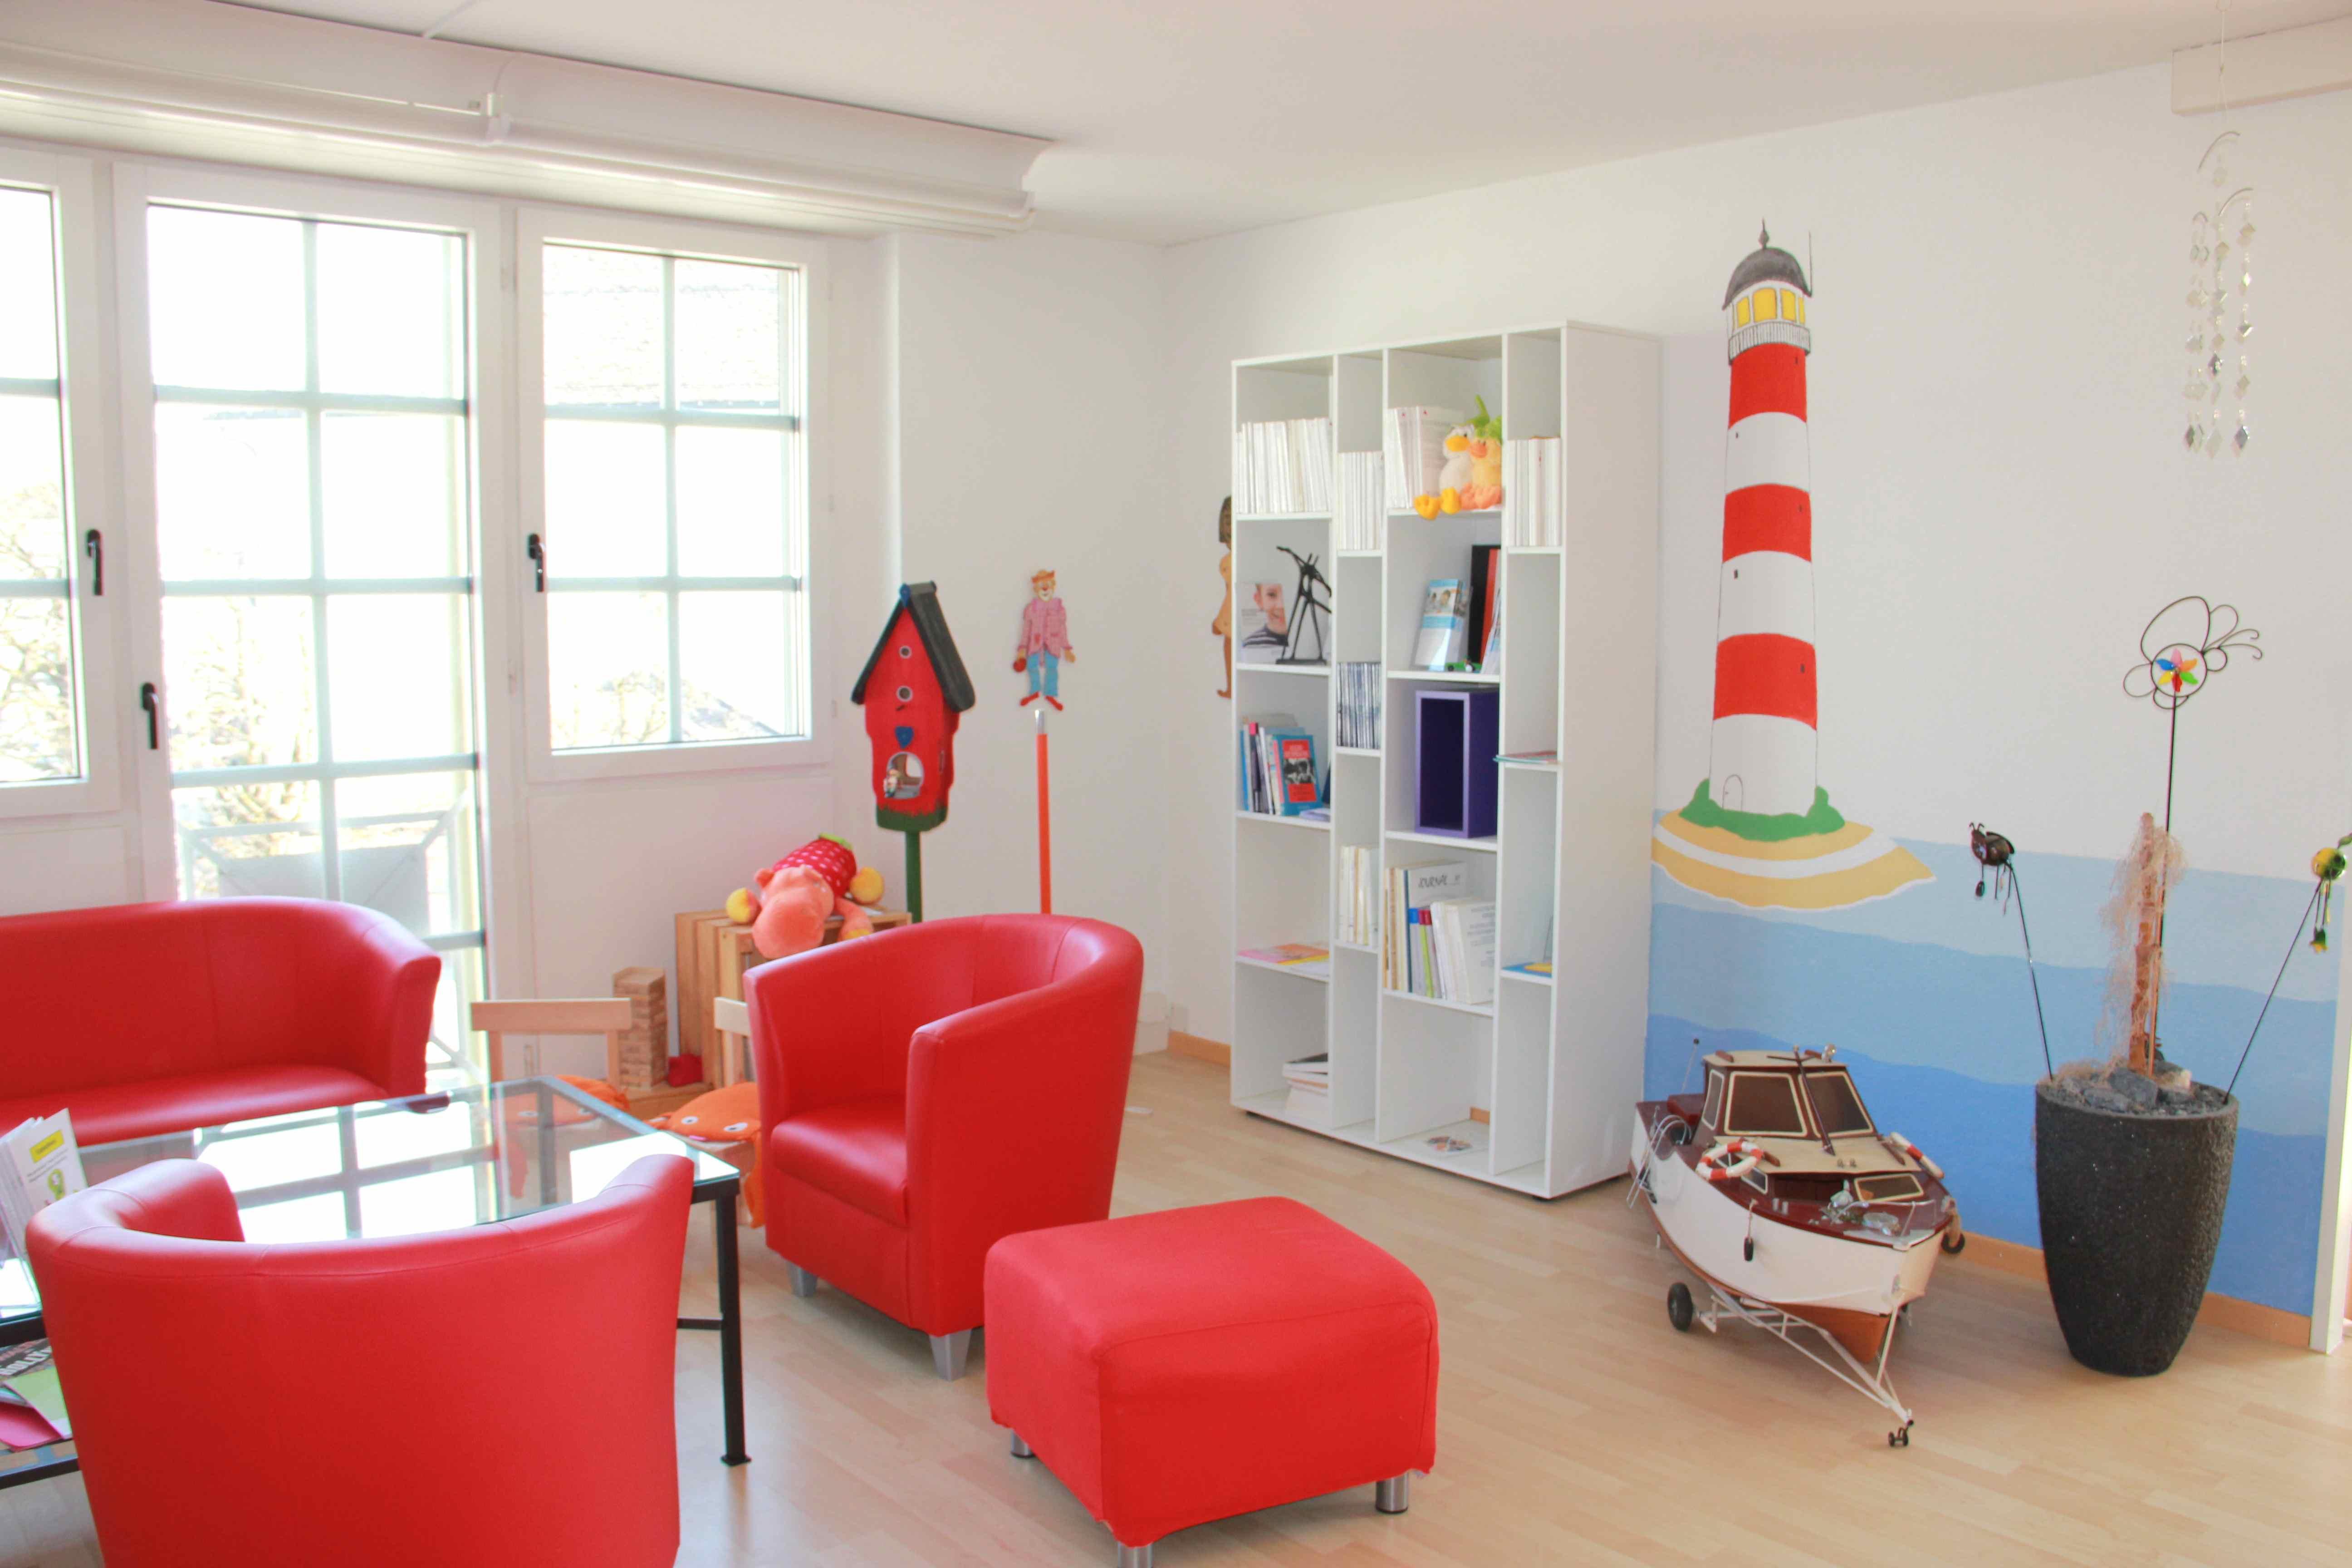 Großzügig Leuchtturm Kinderzimmer Bilder - Die Designideen für ...